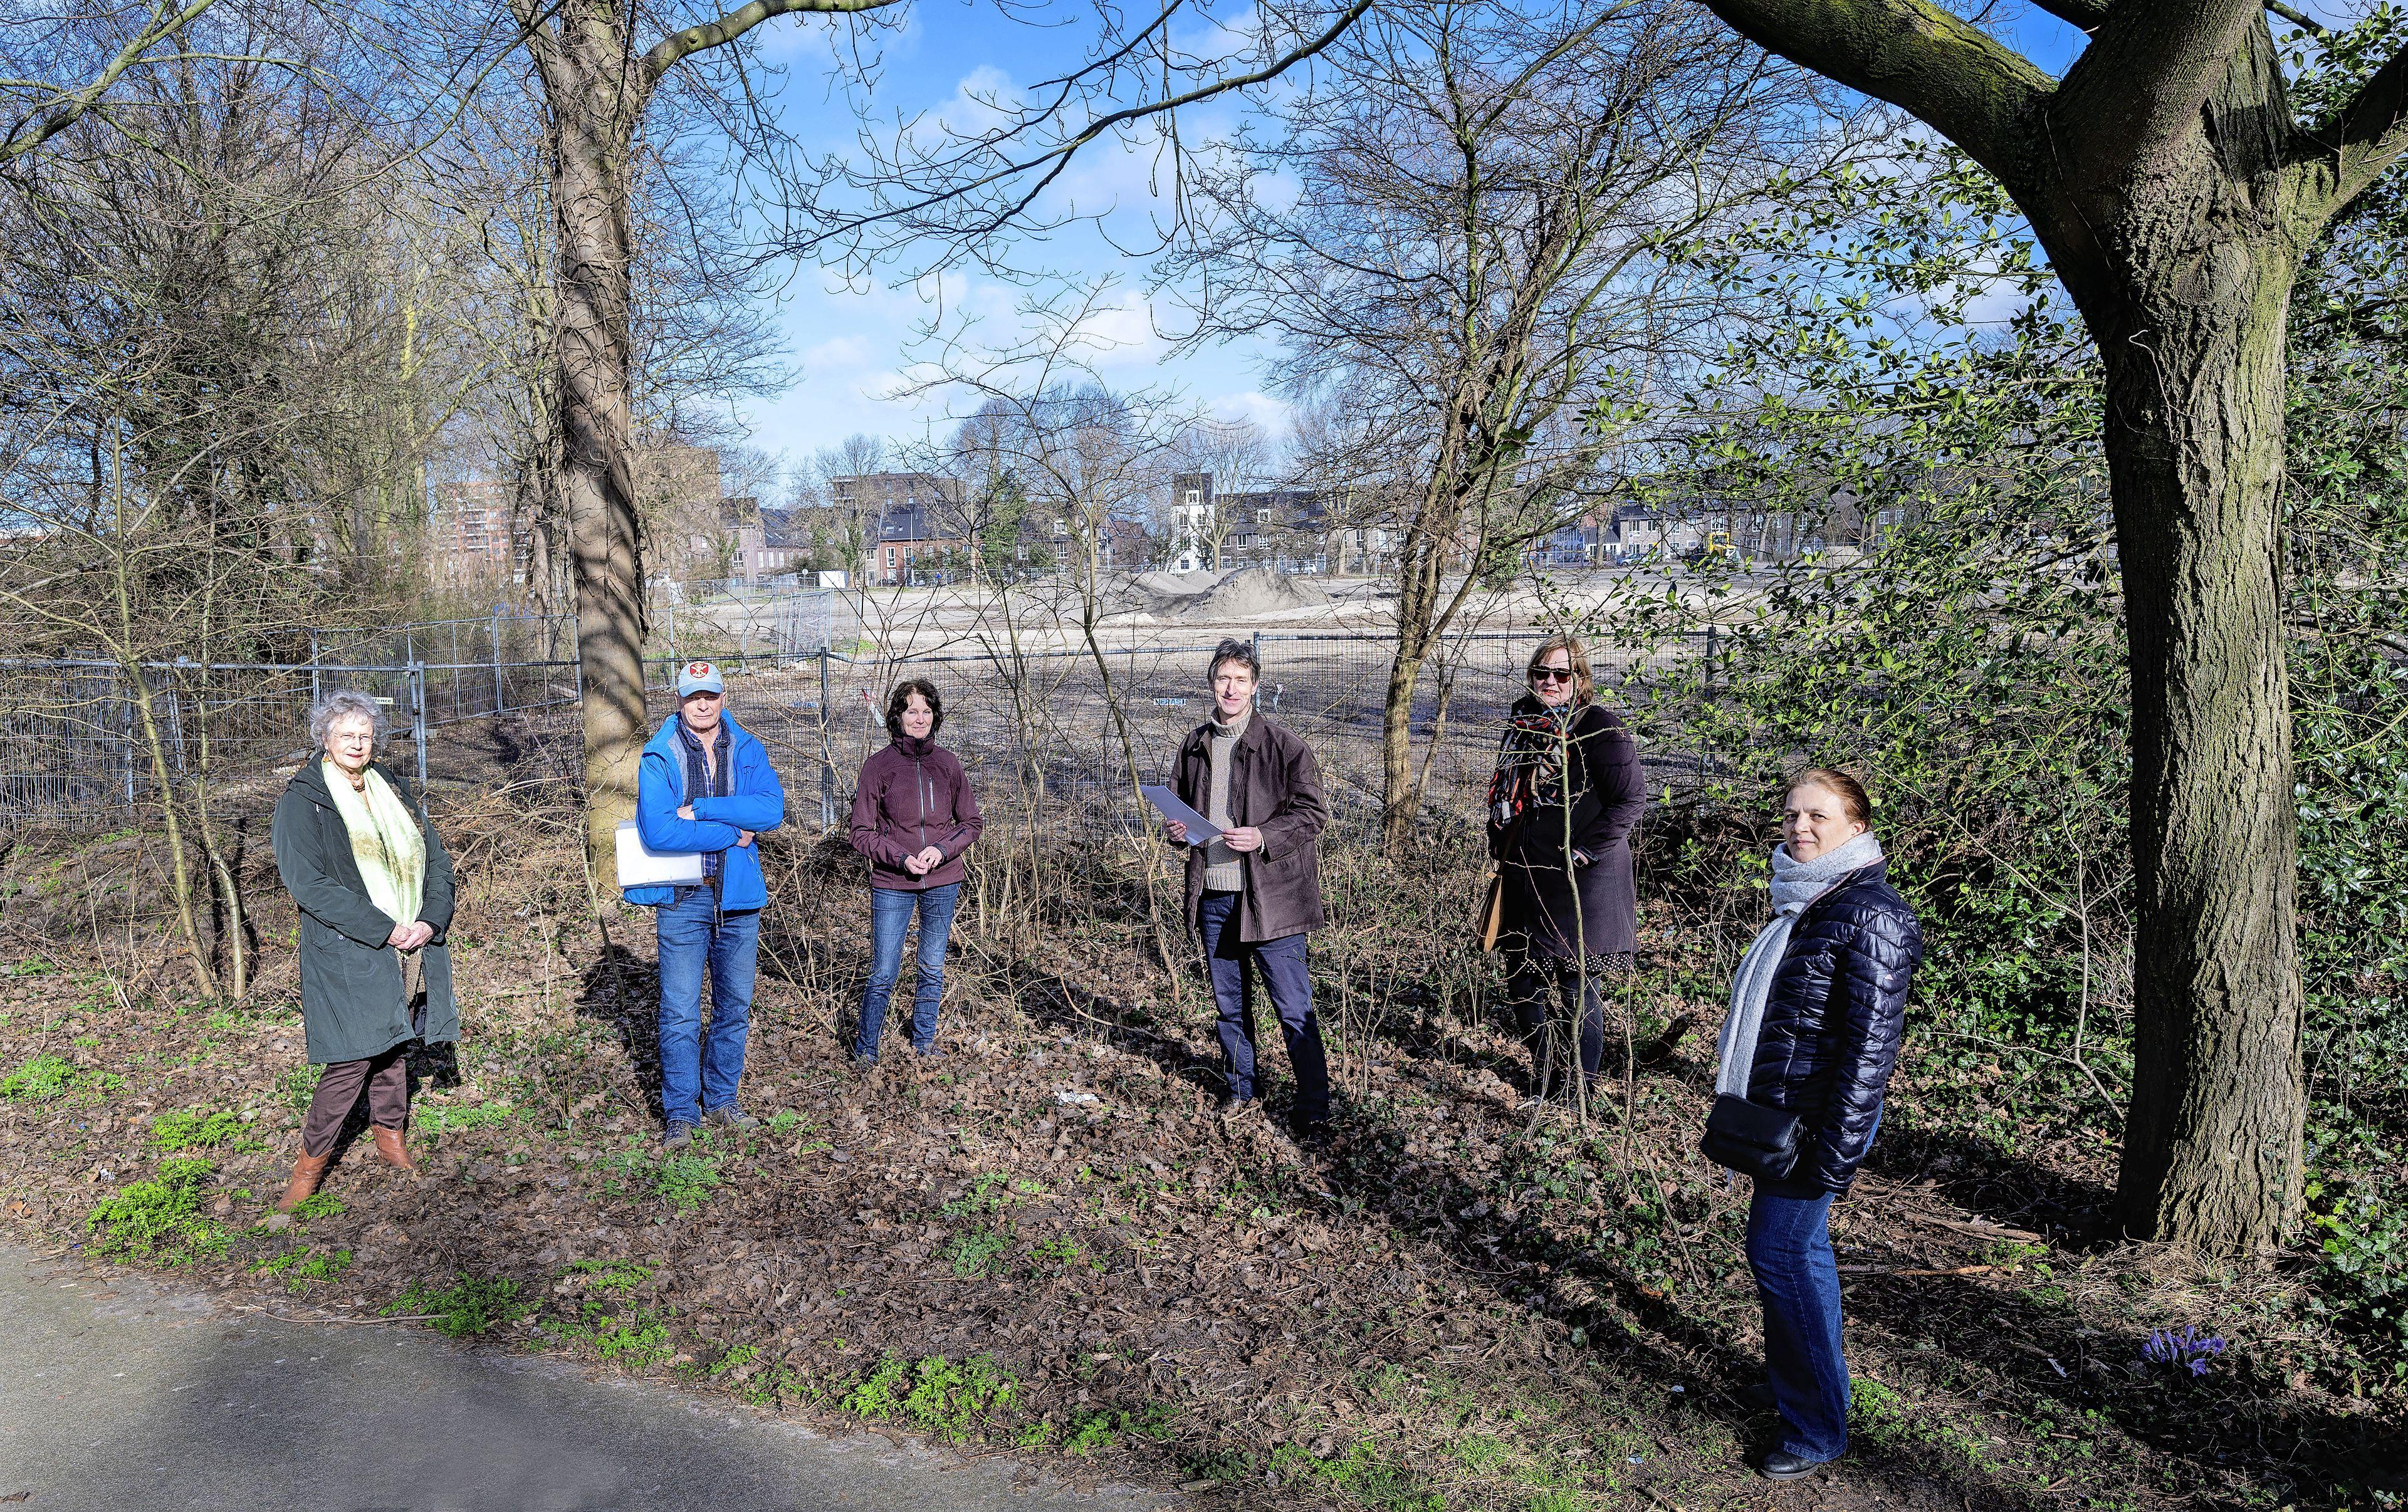 Groenliefhebbers op de bres voor behoud parkje in Haarlem-Schalkwijk: 'Het wordt hier een donker ravijn'